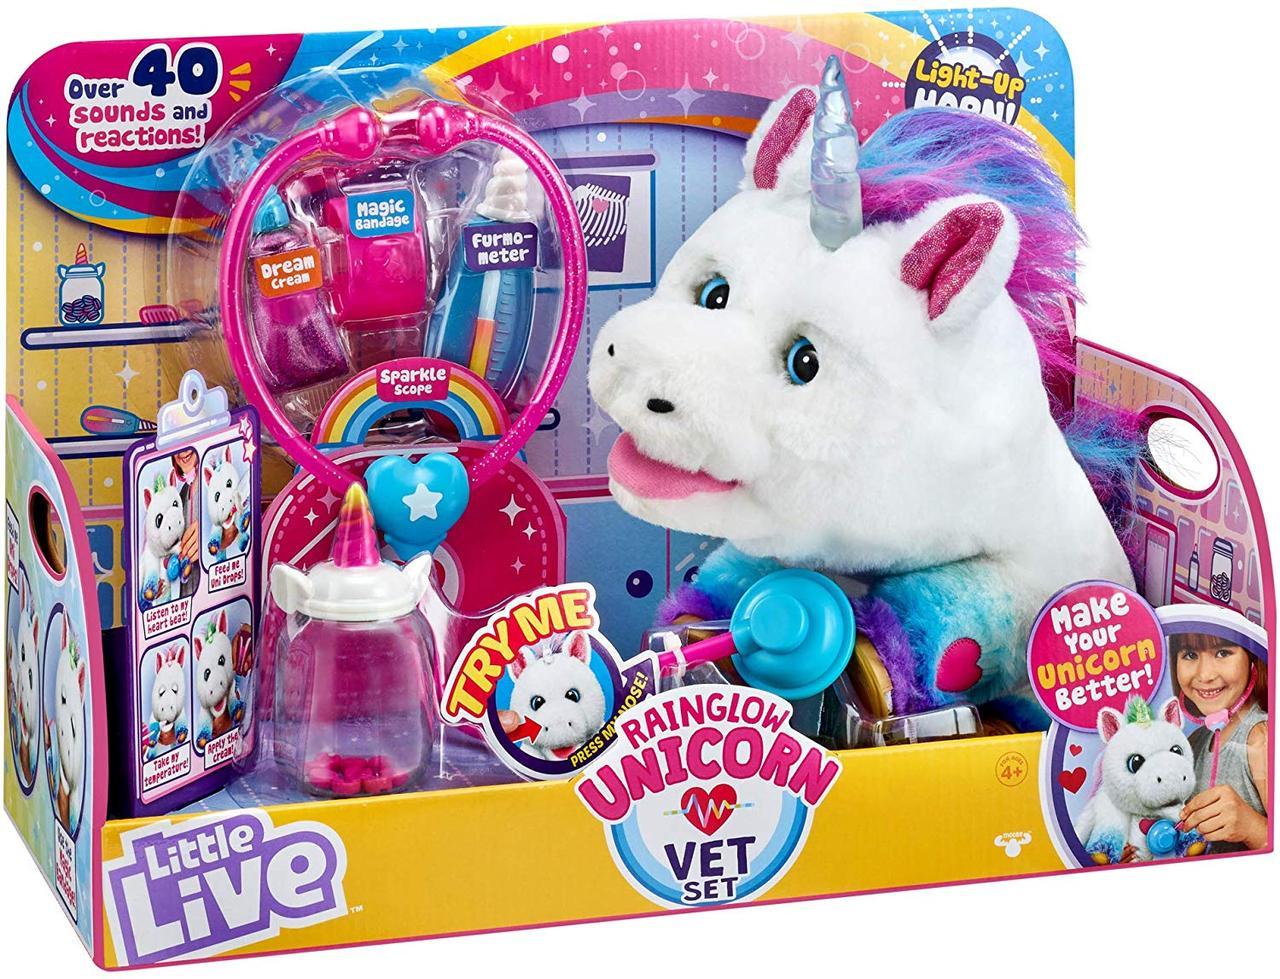 Интерактивный единорог и набор ветеринара, Little Live Rainglow Unicorn Vet Set. Оригинал из США